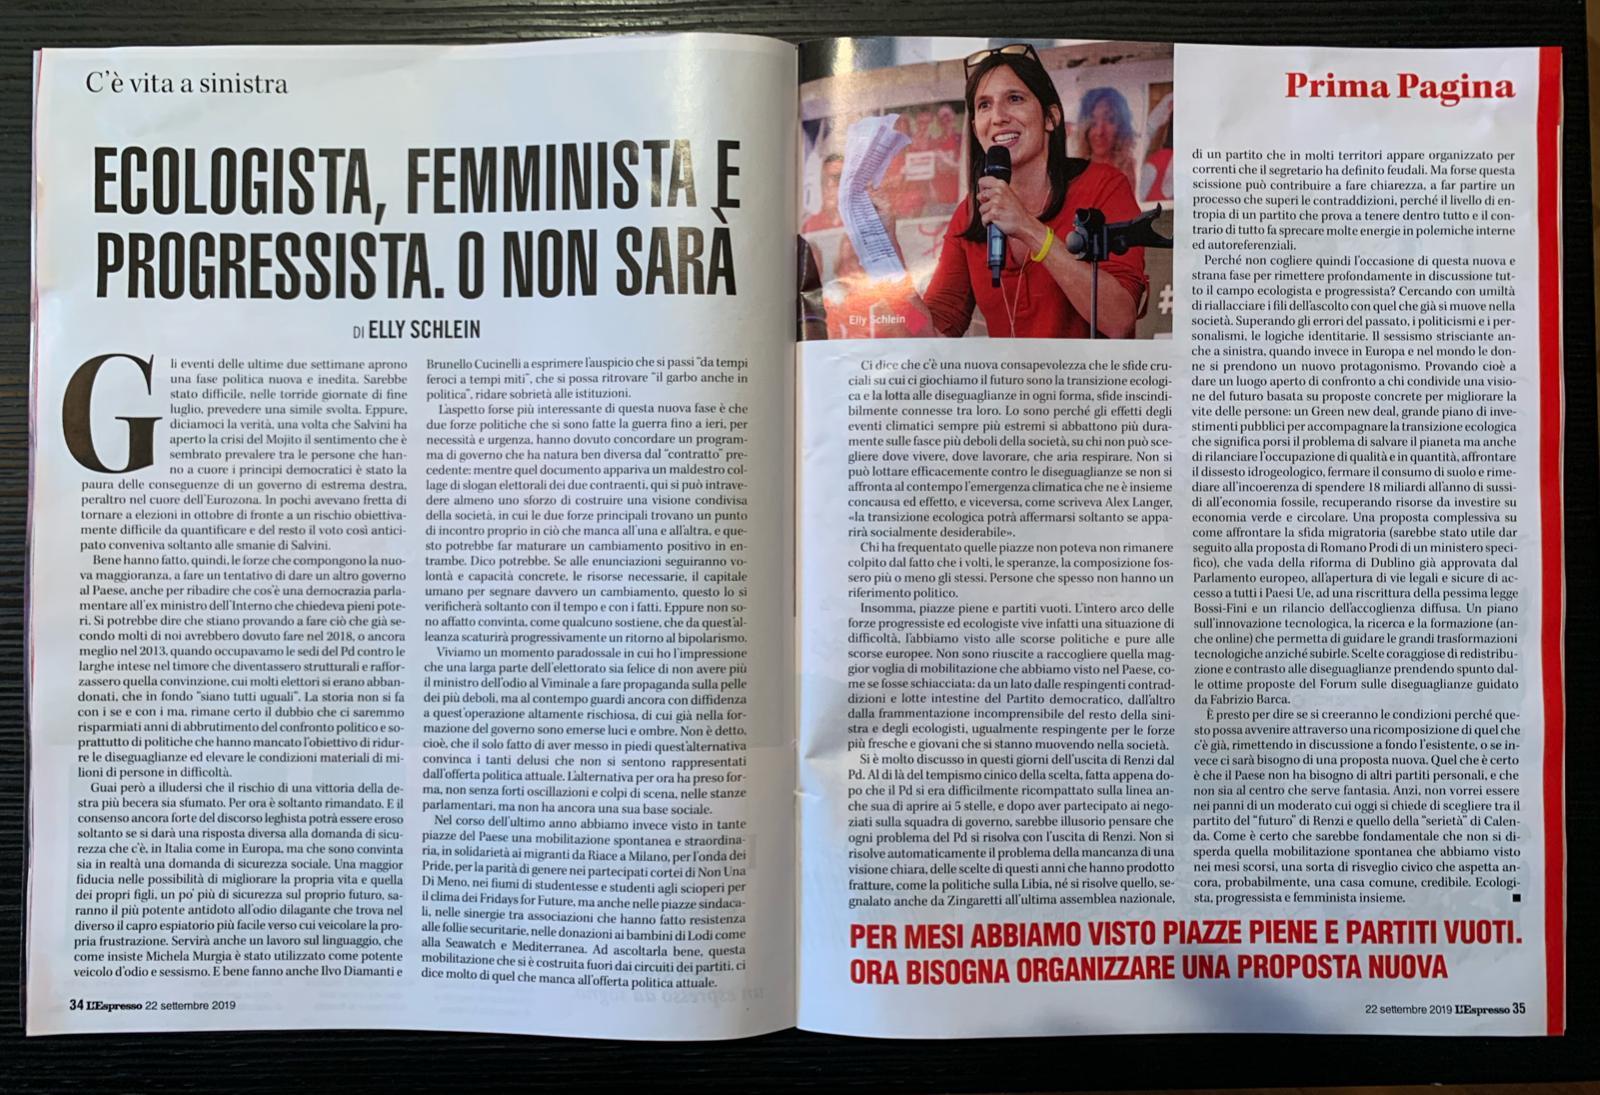 Ecologista, femminista e progressista. O non sarà